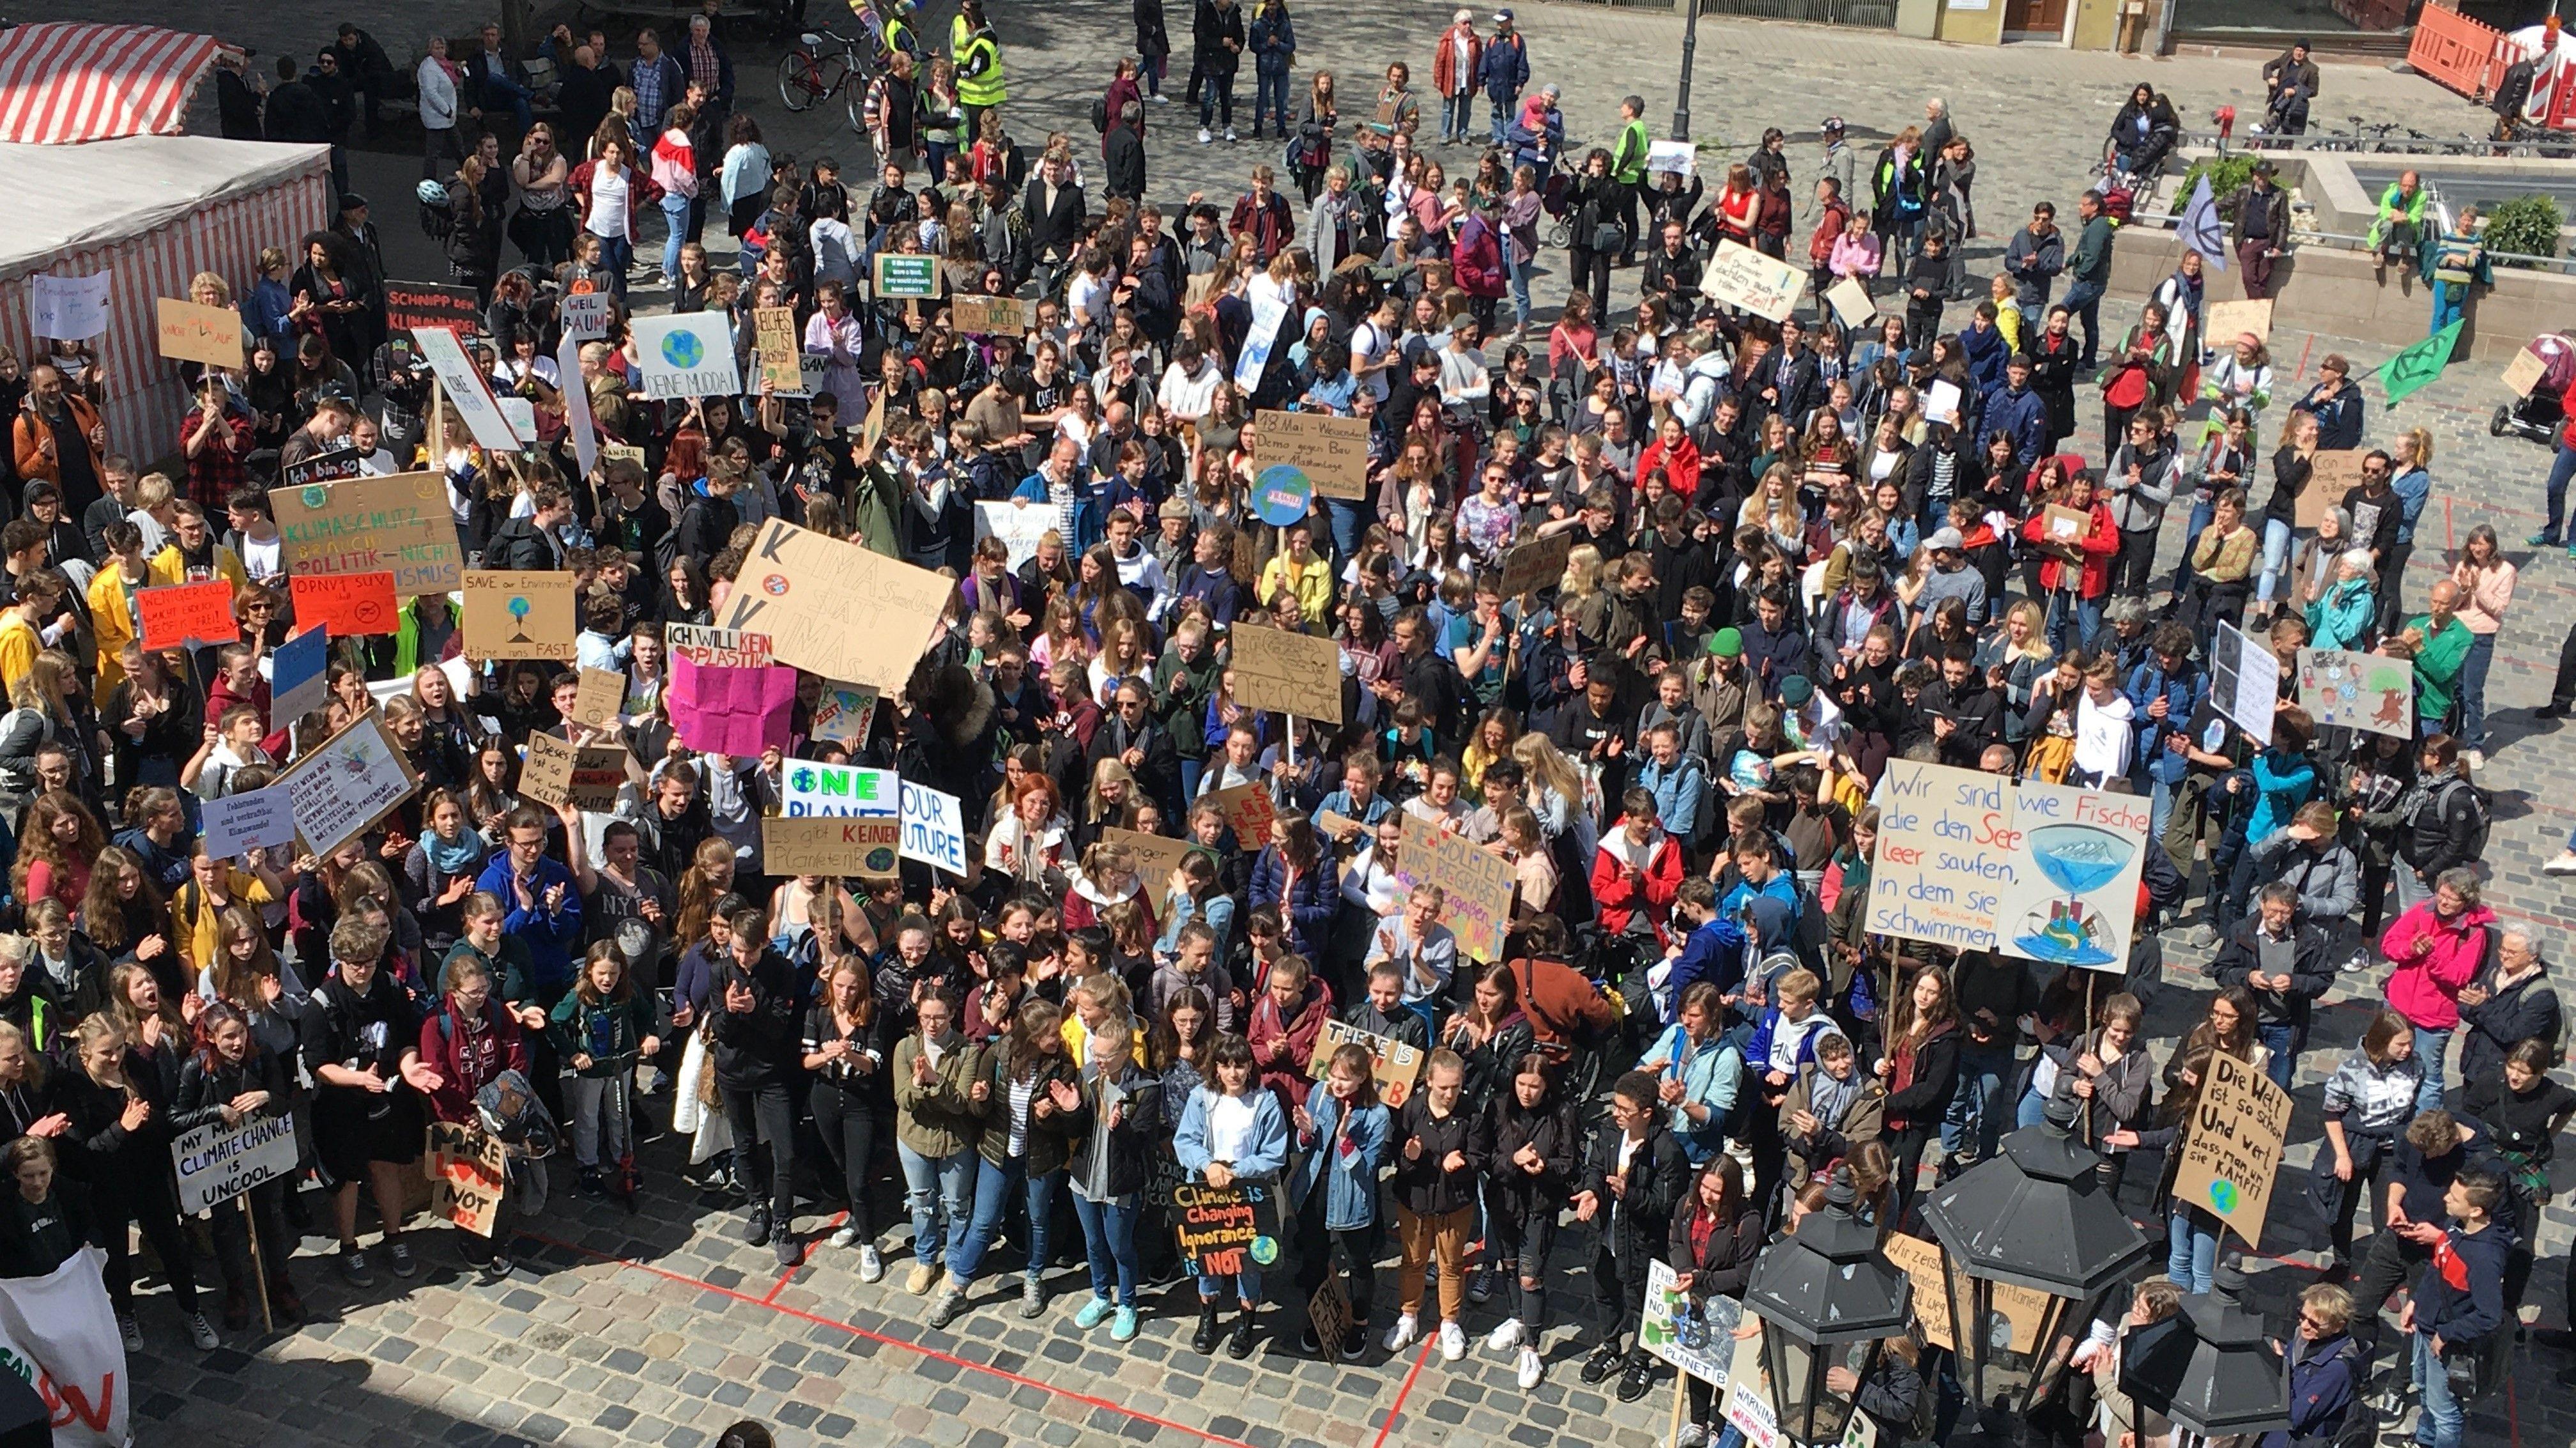 Streikende vor der Nürnberger Loreunzkirche